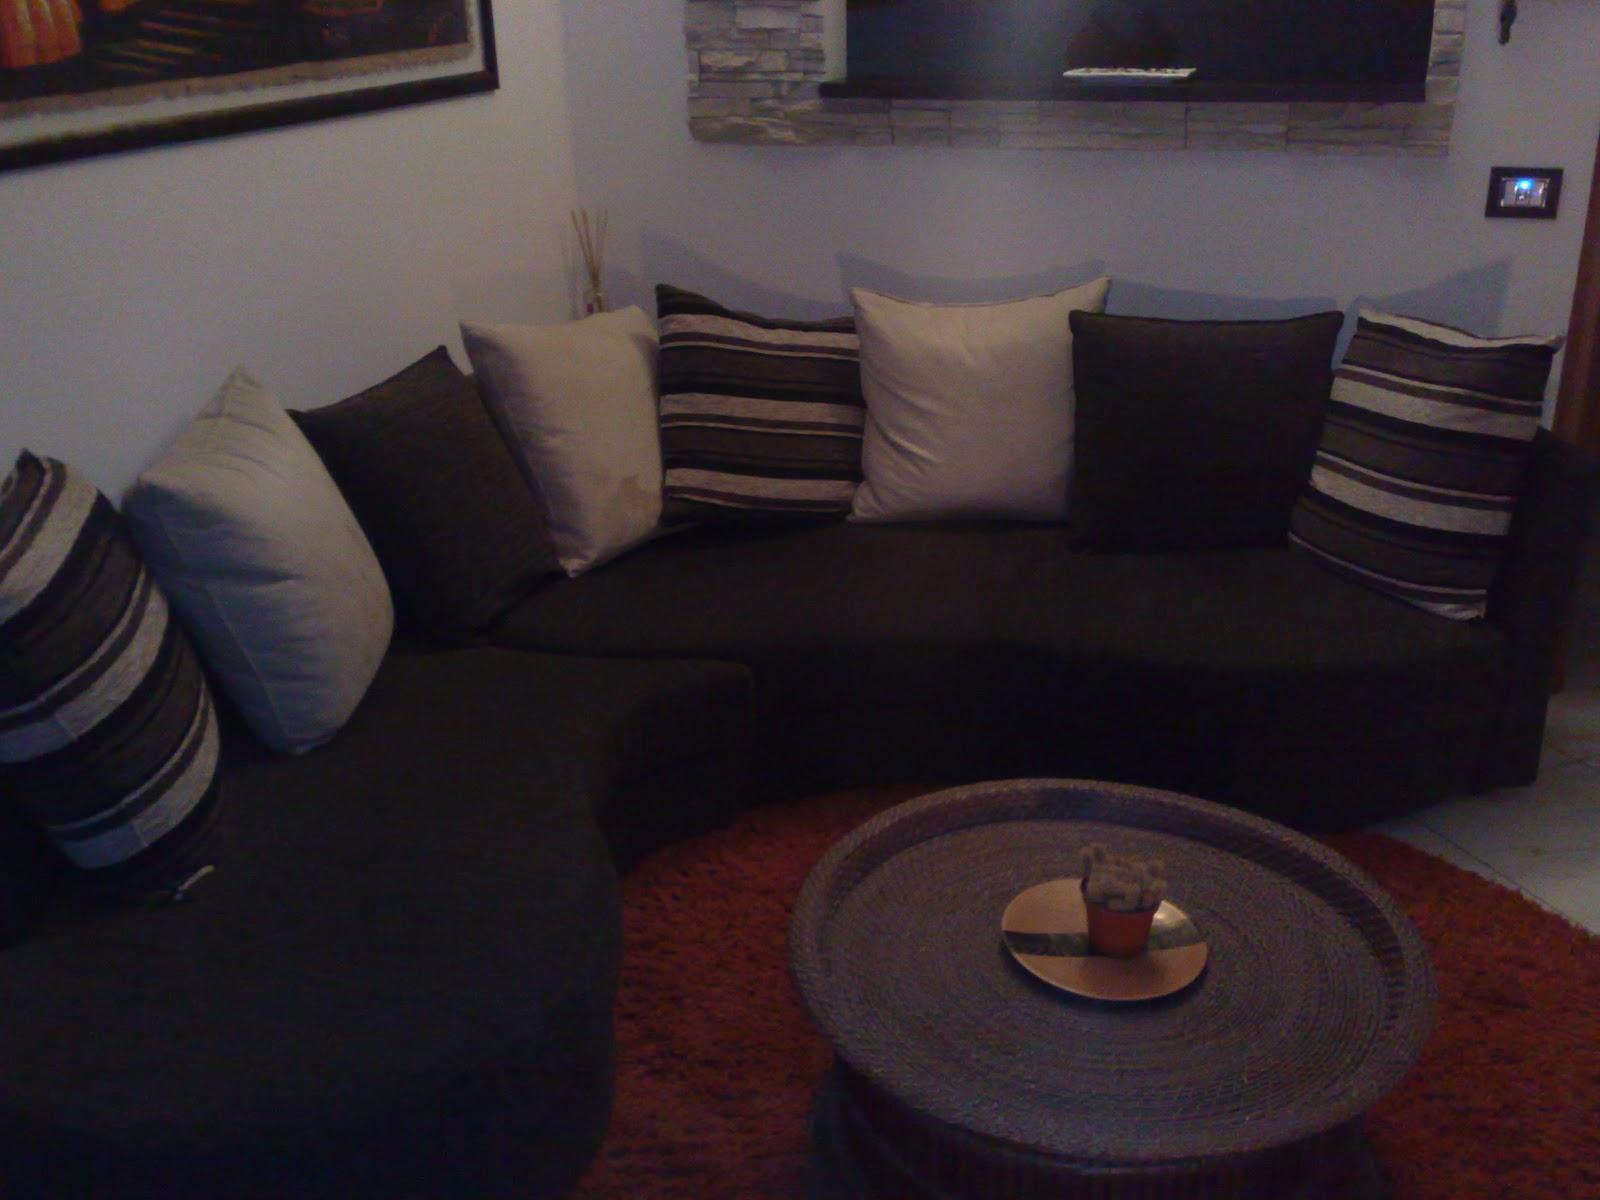 Il mercato dell 39 usato divano angolare - Divano angolare usato ...